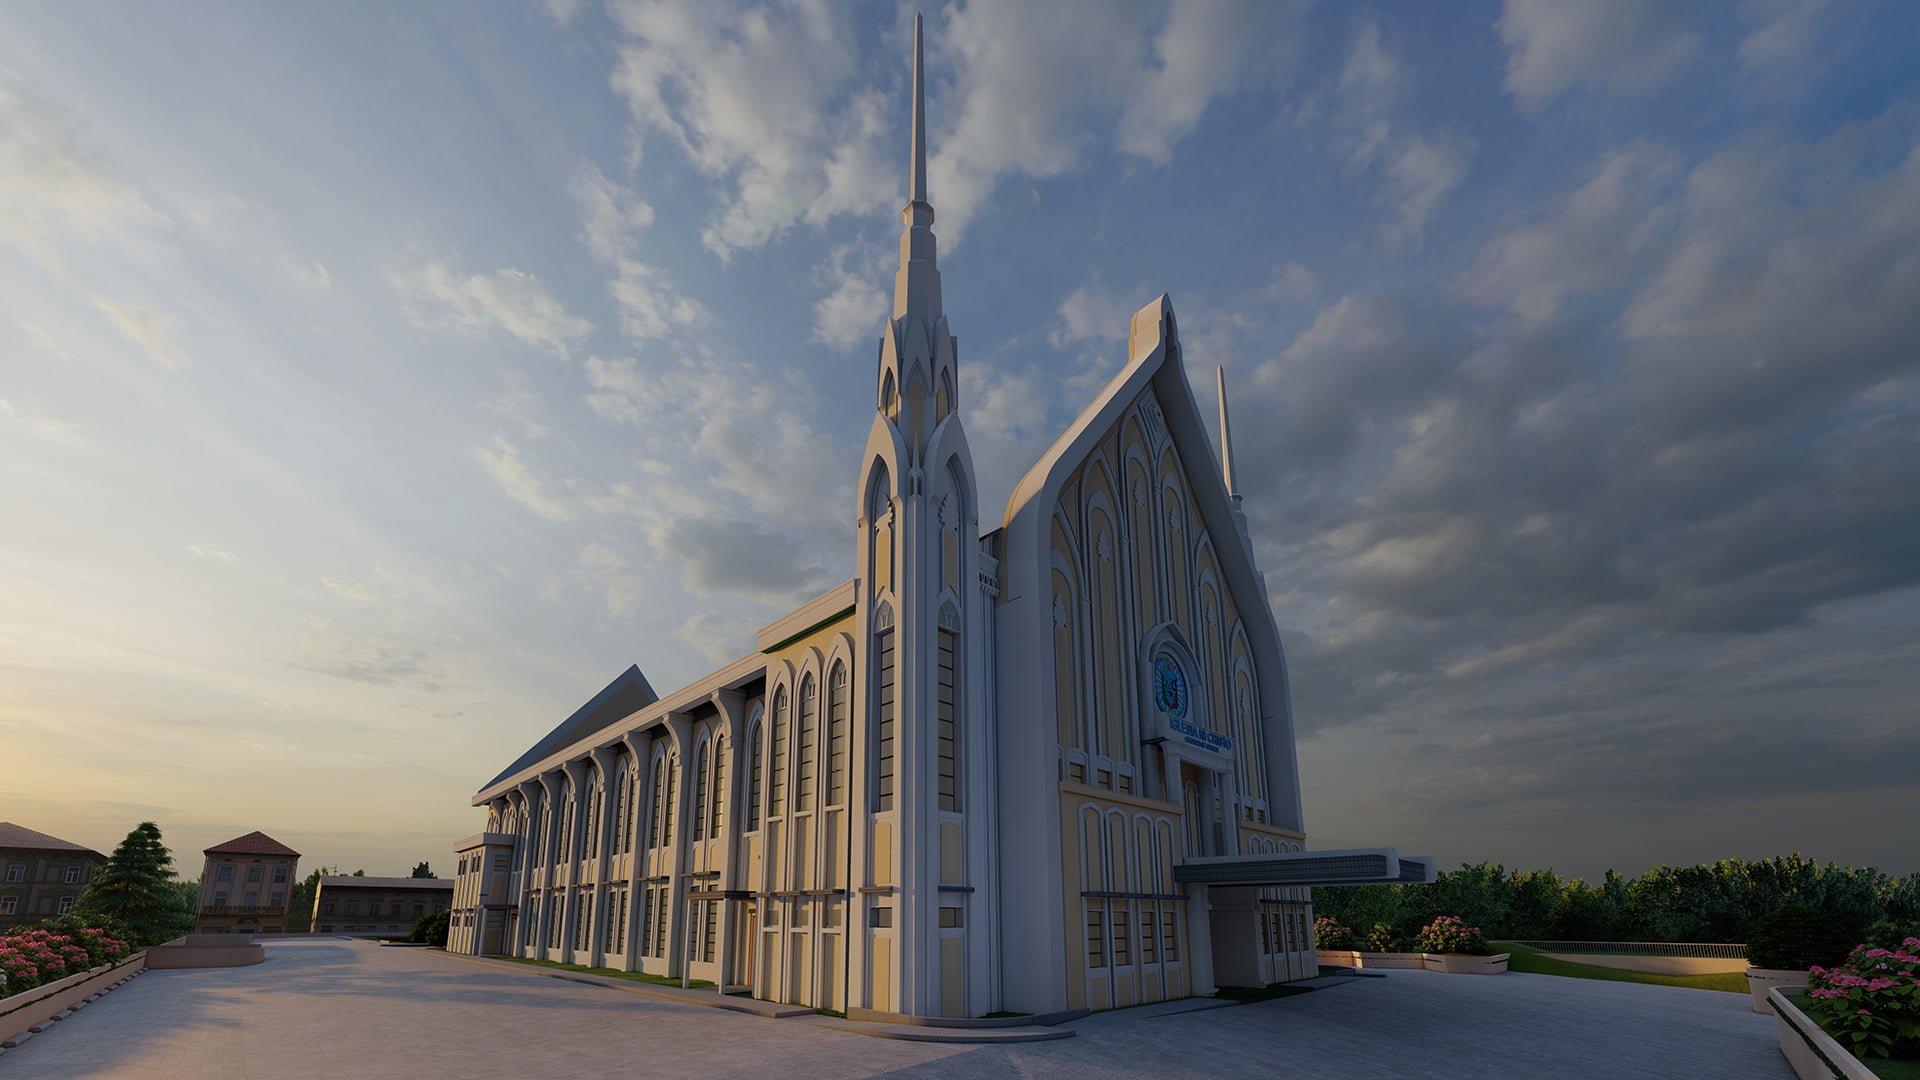 New Era Chapel